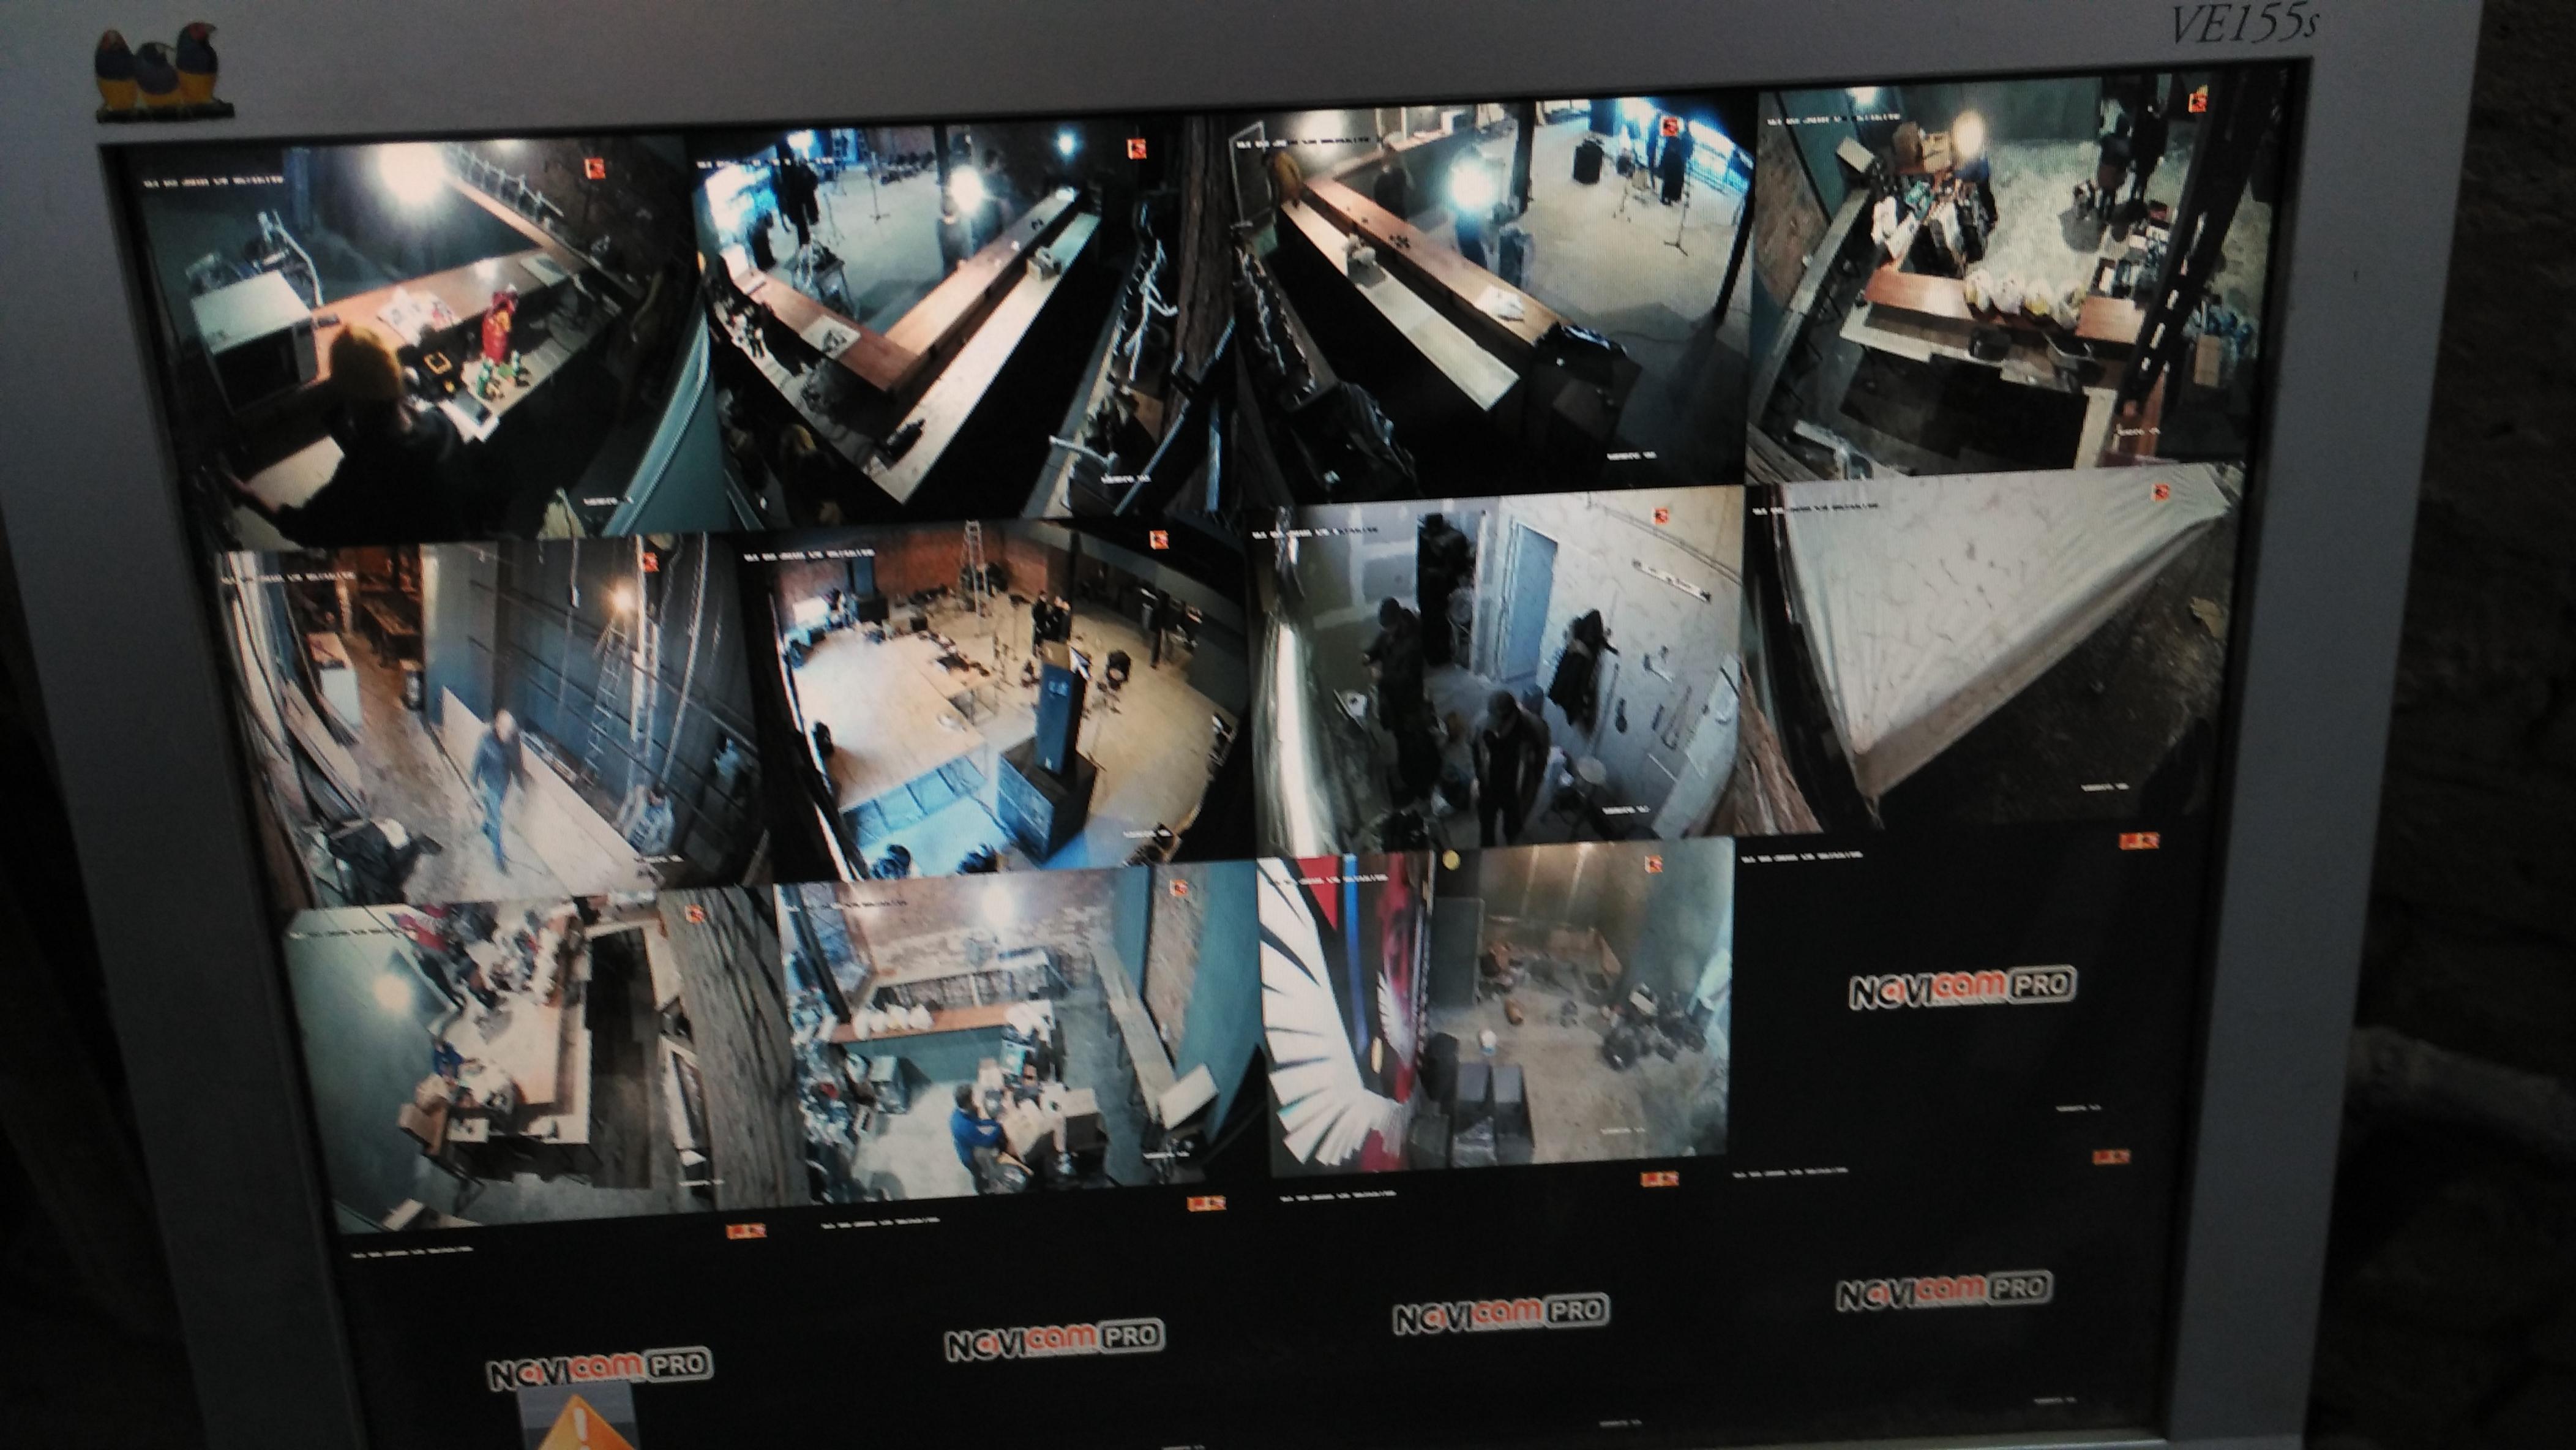 Виртуальный сервер роутер для ip камеры